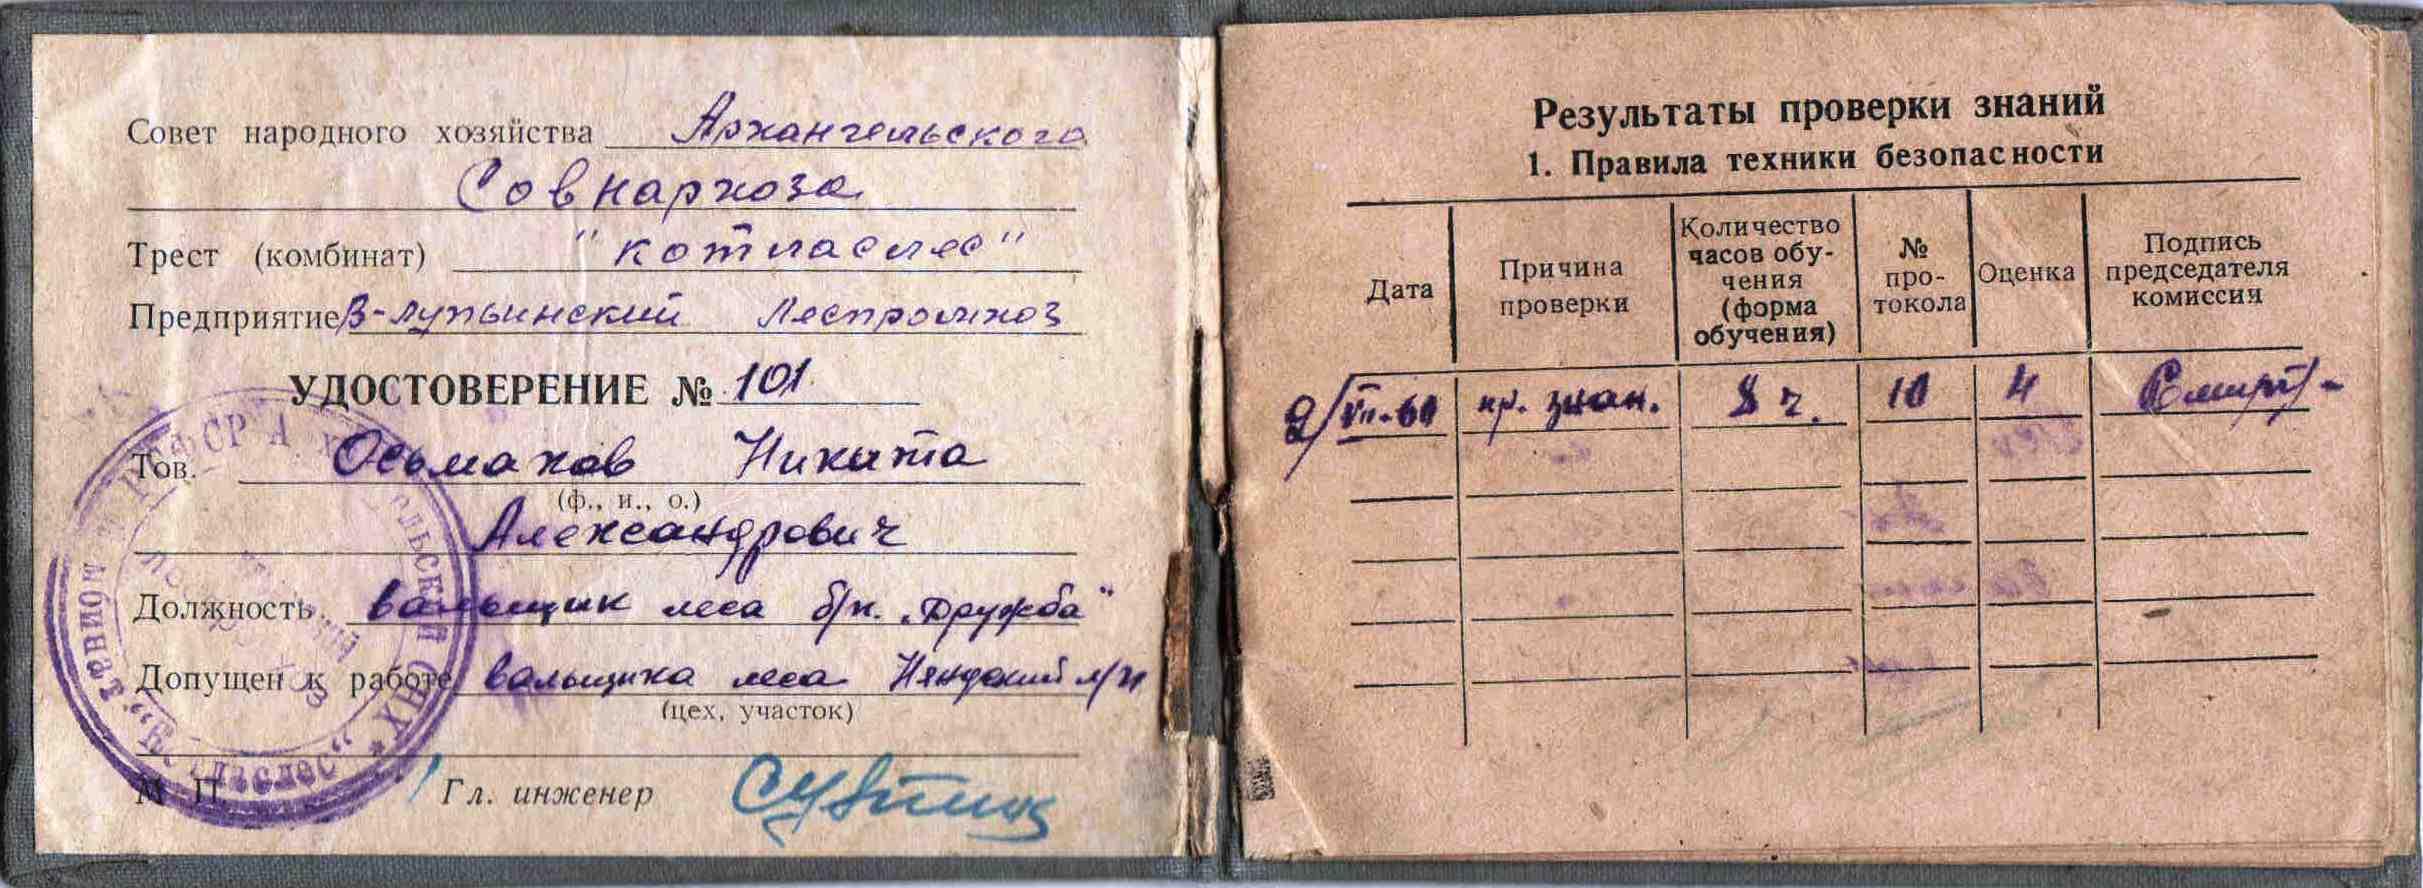 16. Удостоверение вальщика леса бензопилой Дружба, 1960 г.